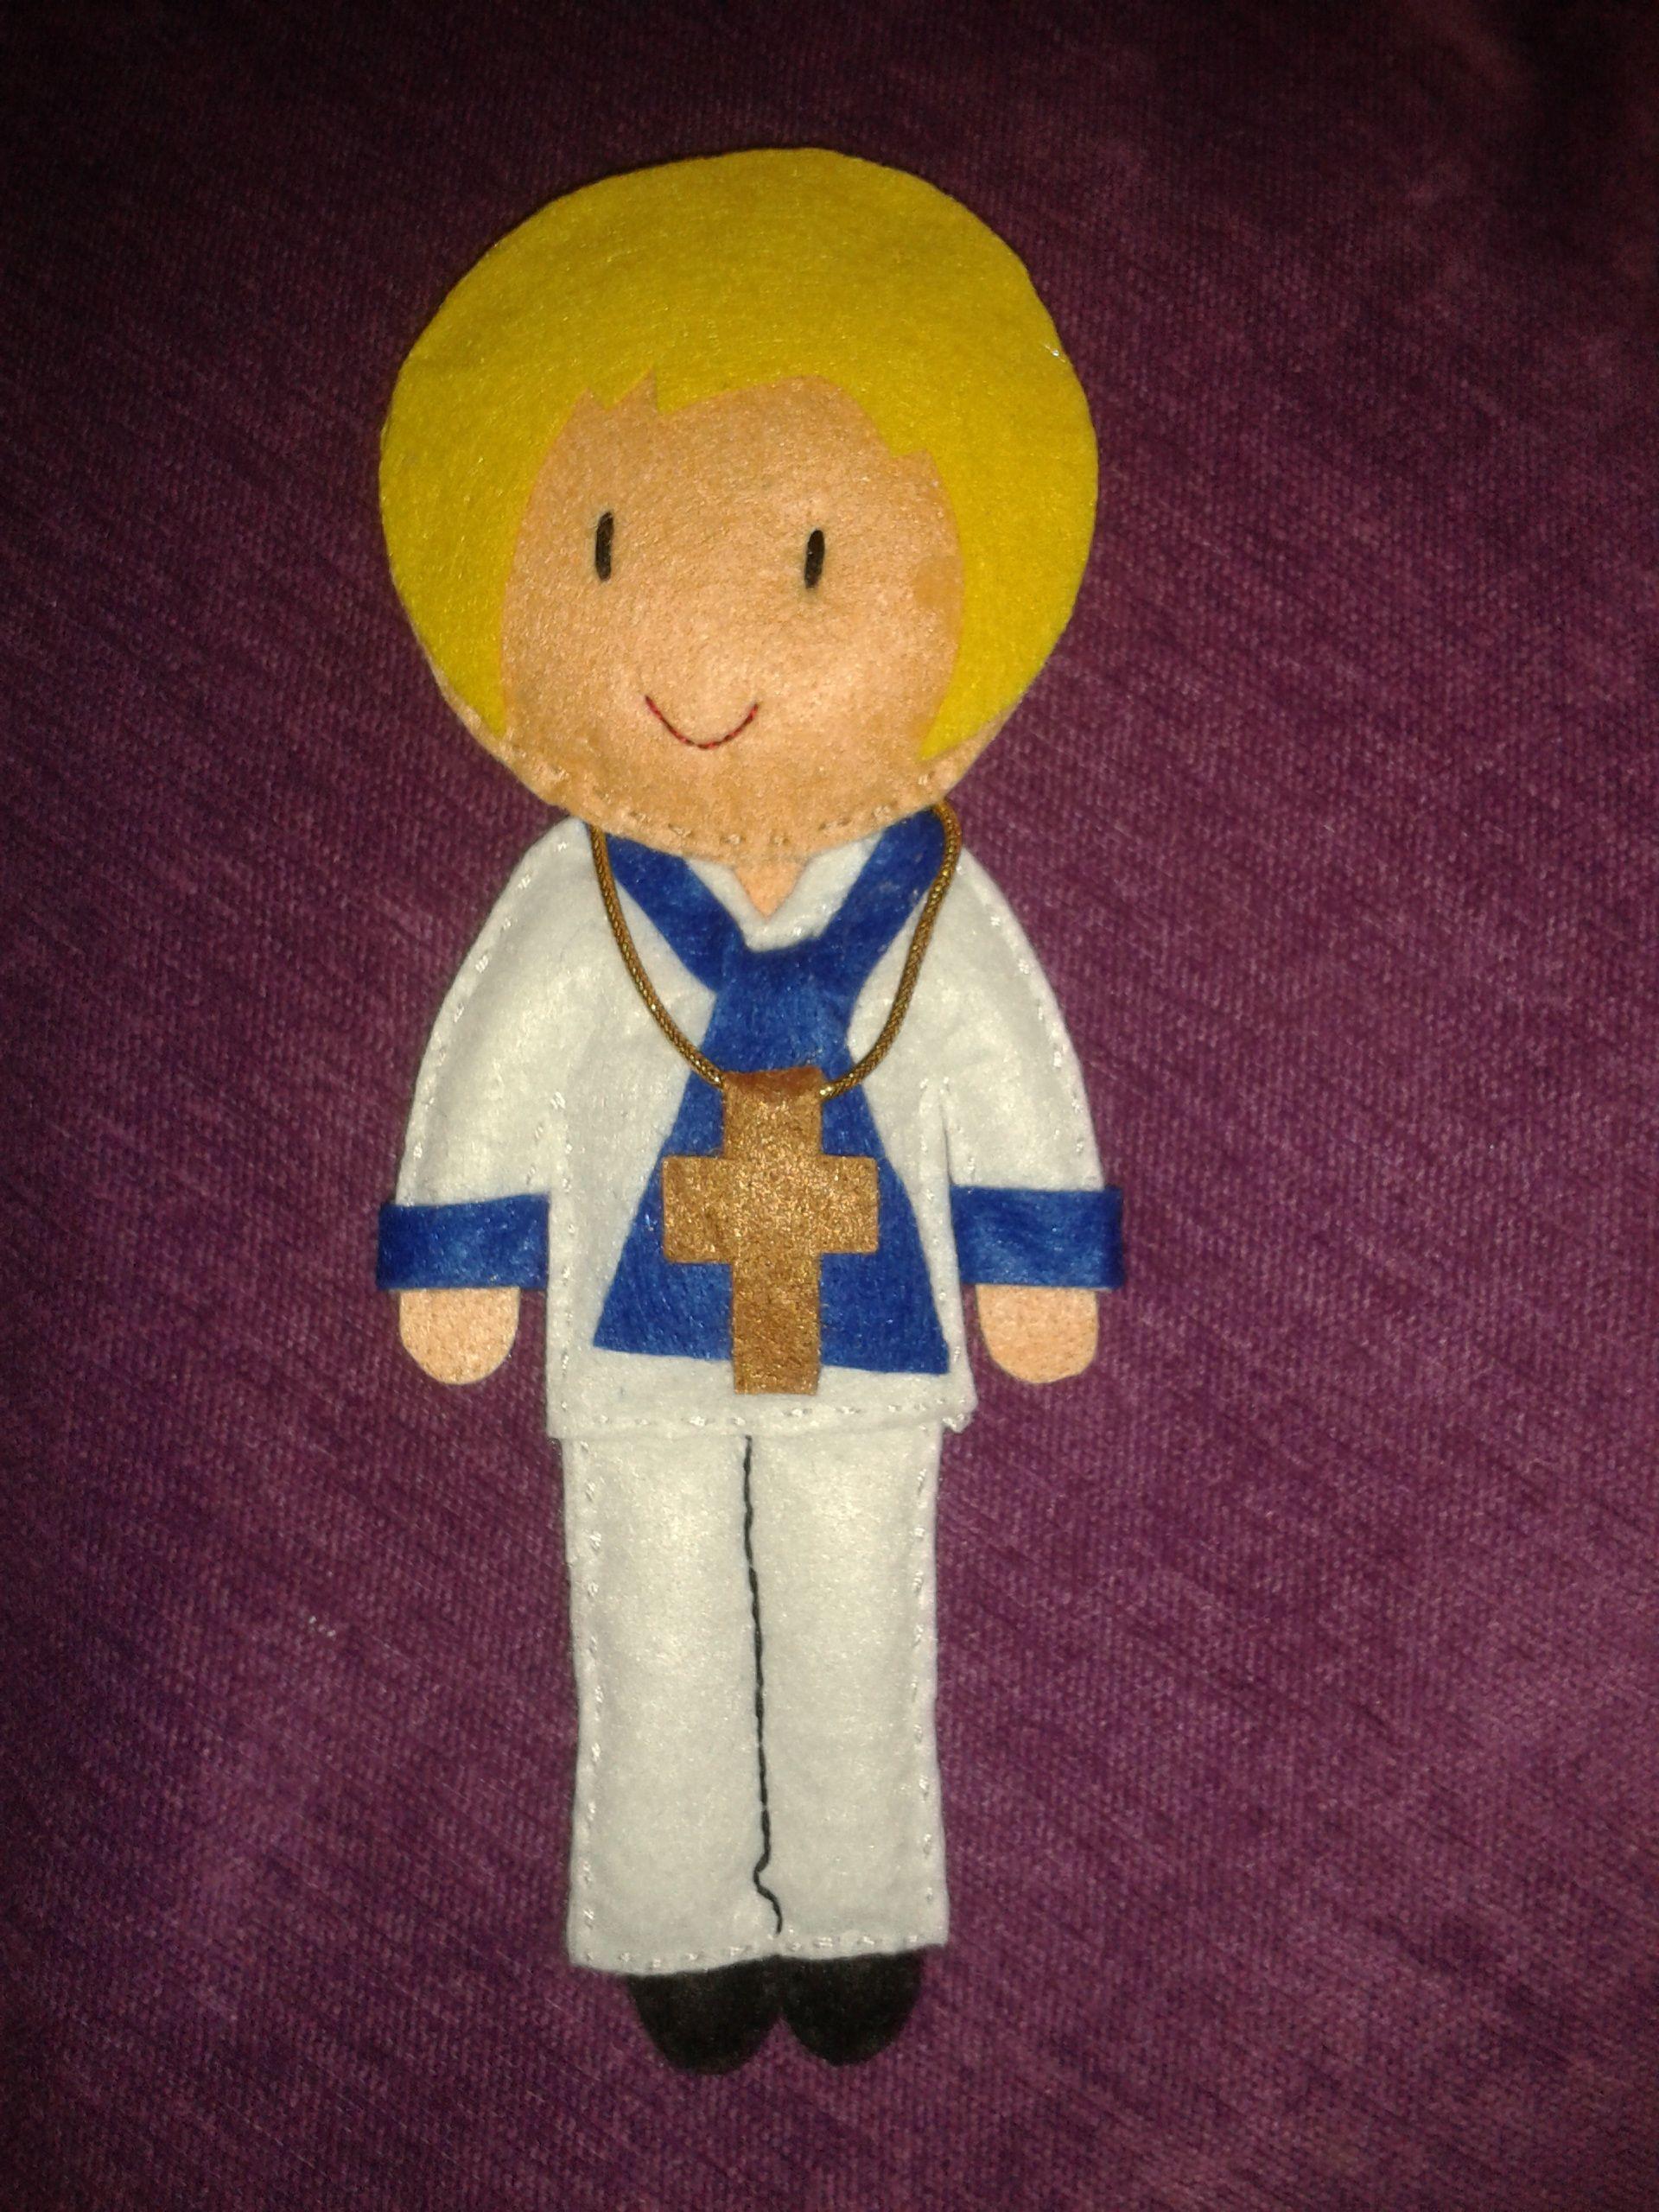 muñeco niño comunión de 20cms. personalizado con nombre y fecha